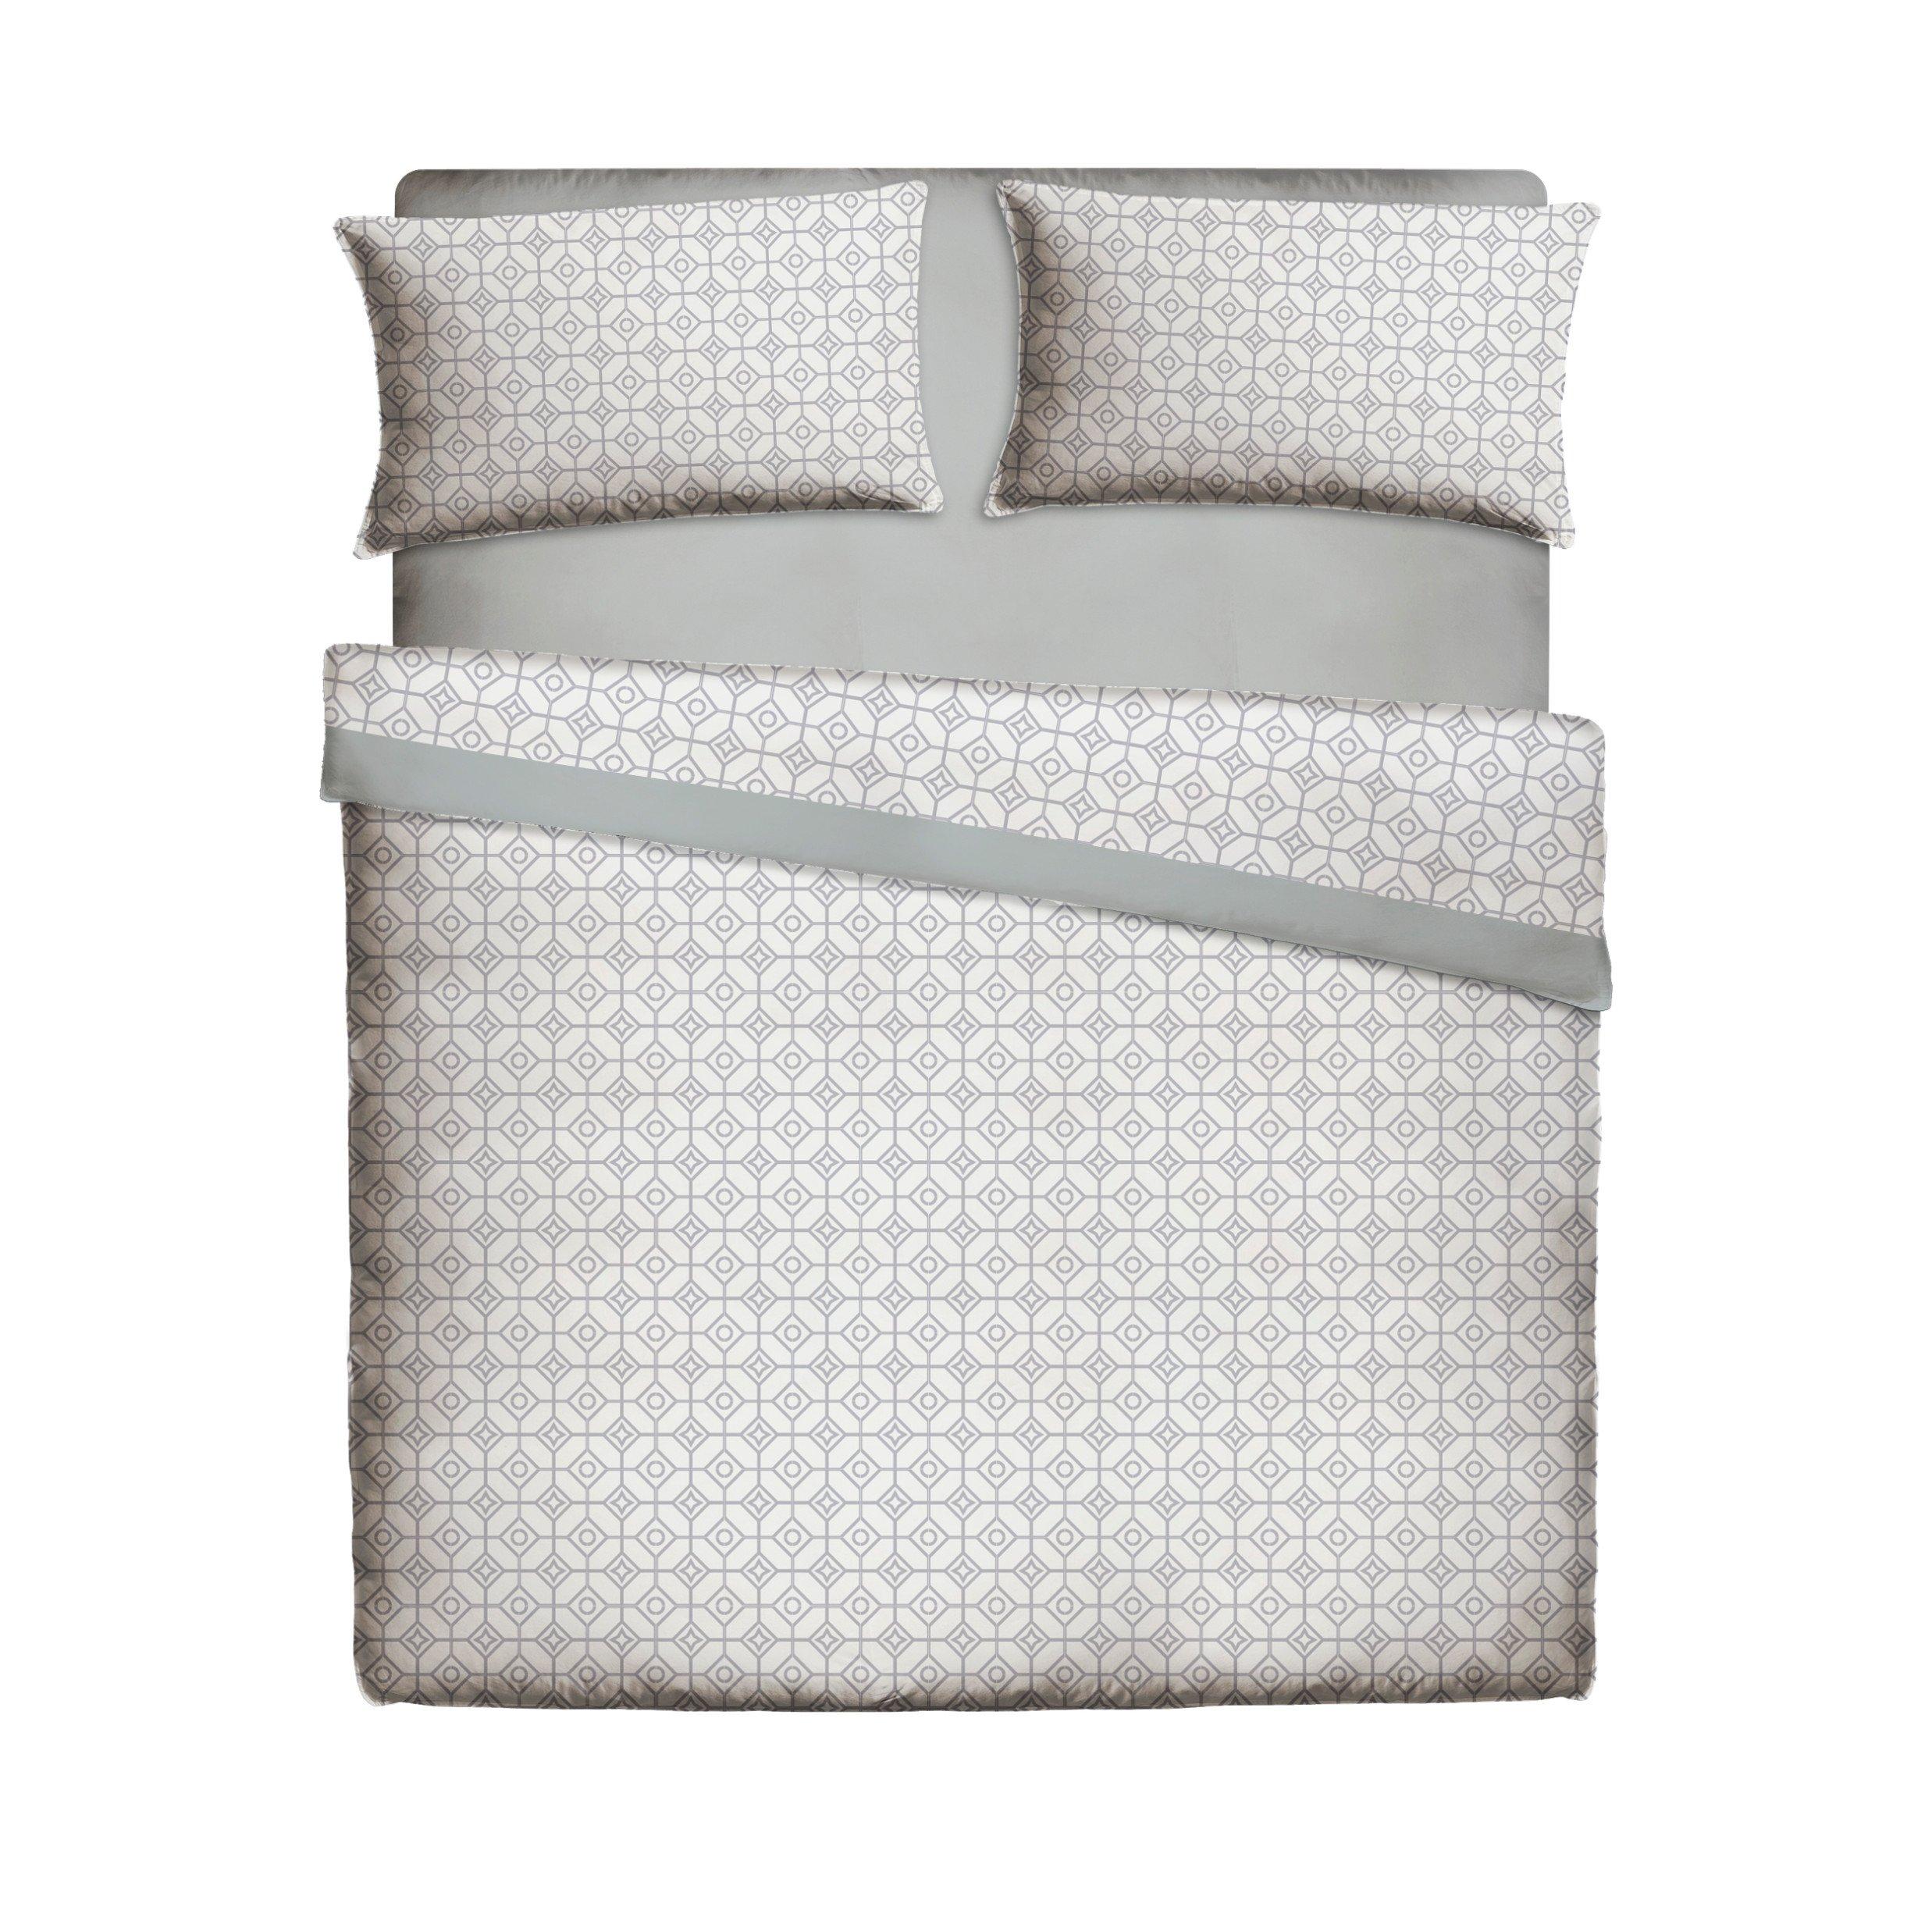 Casa Lieri - Juego de sábanas, algodón, 50% poliéster, colorgris. Cama de 150 (Todas las medidas): Amazon.es: Hogar